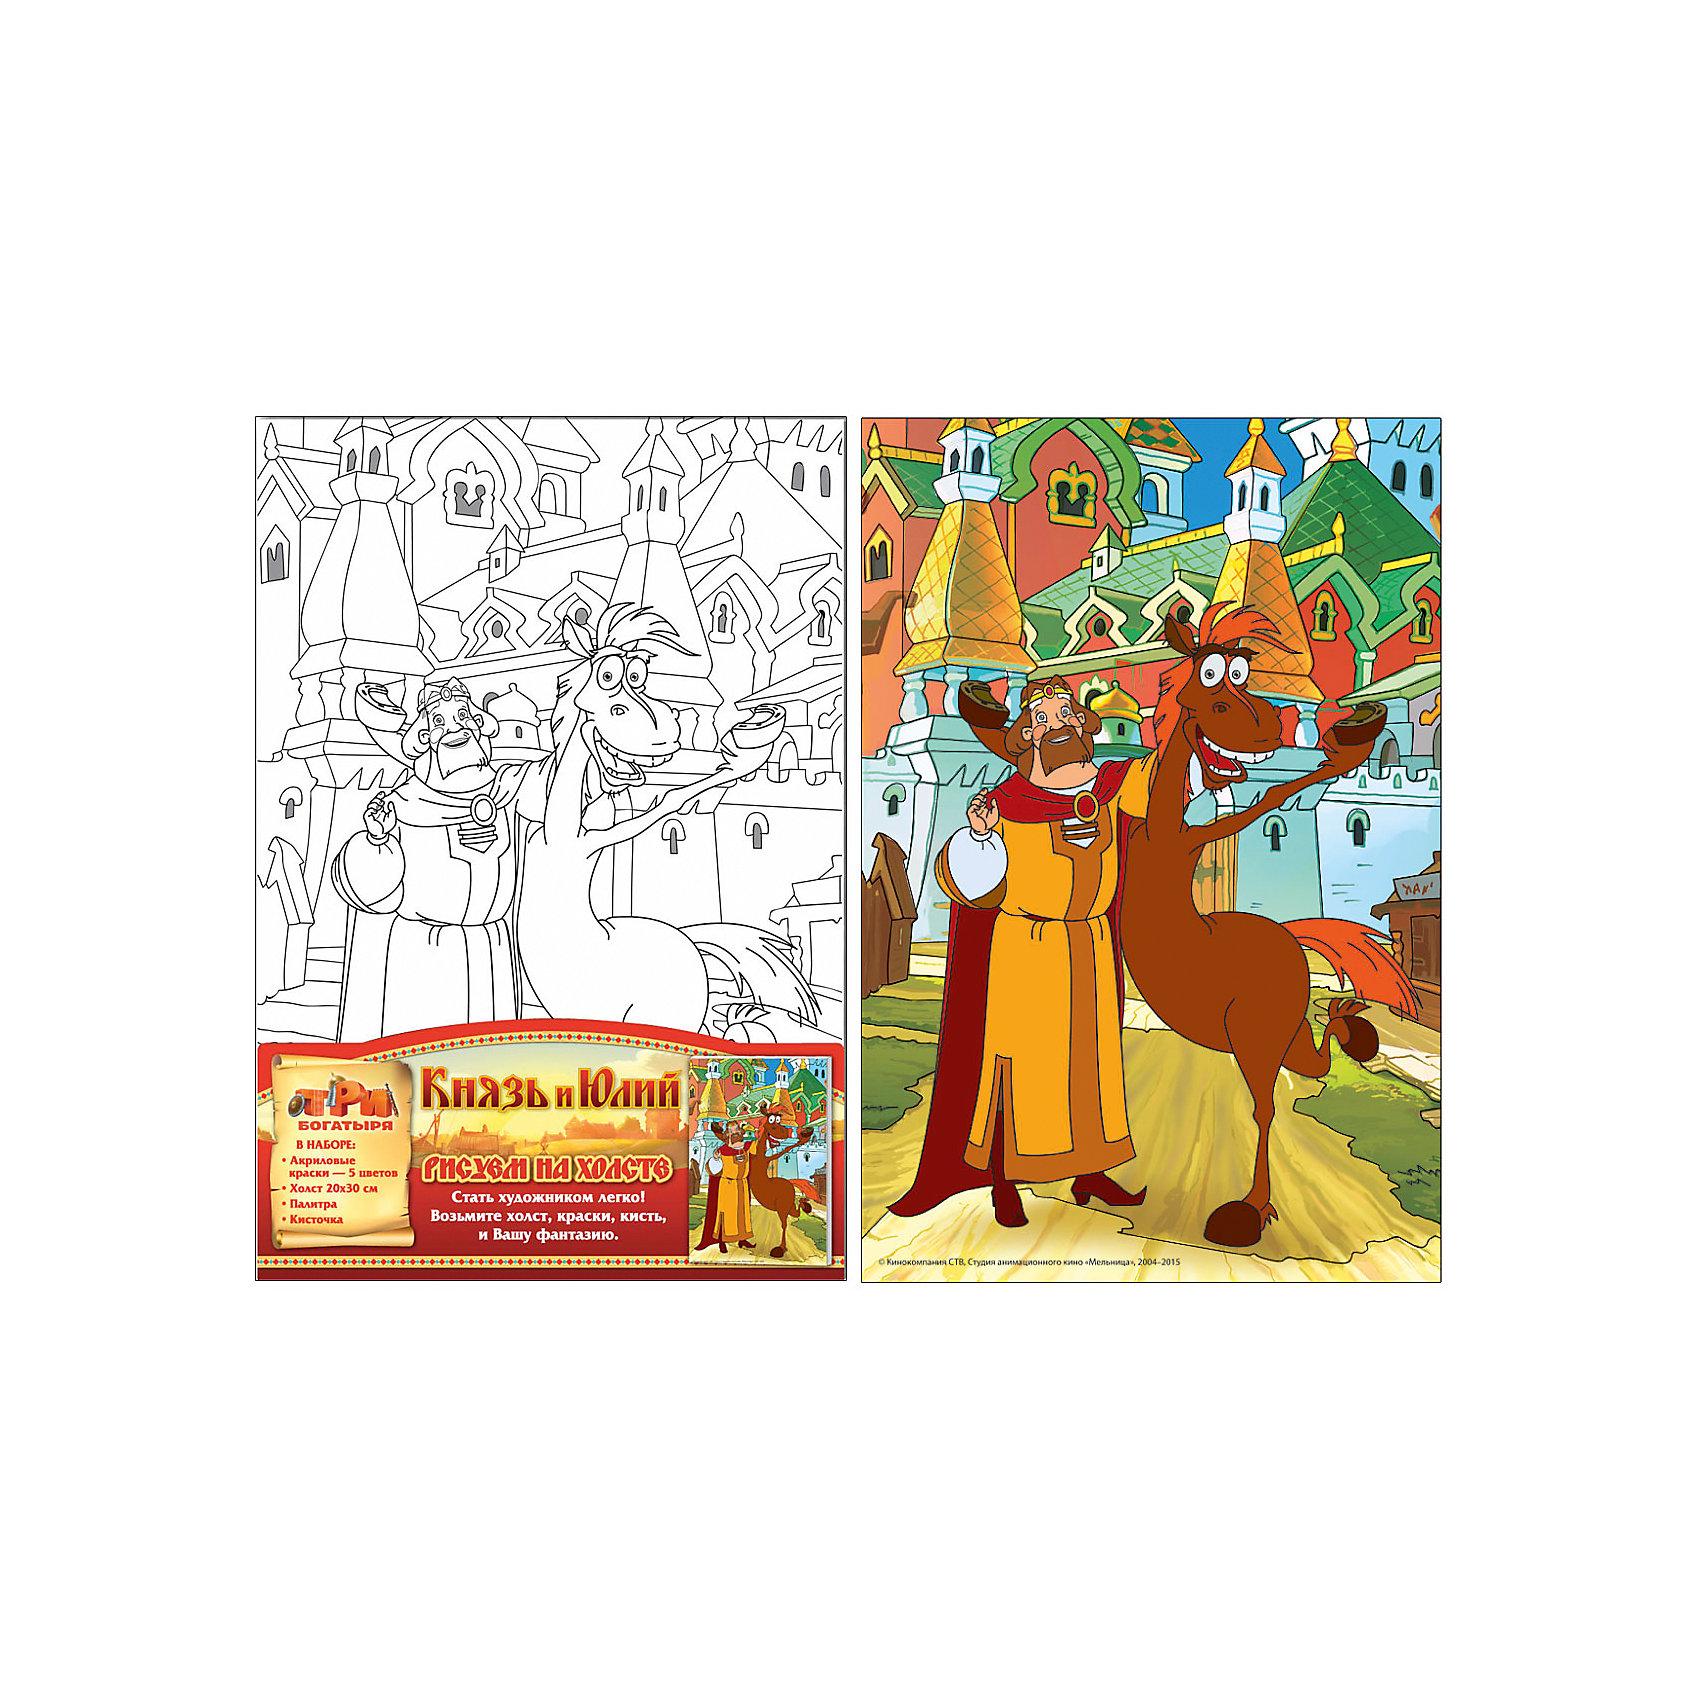 Роспись по холсту Юлий и князь, 3 богатыряРаскраски по номерам<br>Характеристики:<br><br>• возраст: от 5 лет<br>• в наборе: плотный отбеленный загрунтованный холст с контурным рисунком, натянутый на деревянную рамку (20х30 см); 5 ярких цветов акриловых красок в металлических тубах; палитра; кисточка<br>• товар сертифицирован<br>• срок годности: 3 года<br><br>С набором для росписи по холсту «Юлий и князь» юные художники создадут прекрасную картину. Для этого в нем есть все необходимое. На палитре, входящей в комплект, смешивайте цвета и получайте новые оттенки, разбавляйте краски водой для создания их прозрачности. Если ошиблись, просто закрасьте фрагмент новым цветом поверх подсохшей краски. <br><br>Яркие акриловые краски легко ложатся на холст, быстро сохнут, хорошо растворяются в воде, после высыхания становятся водонепроницаемыми.<br><br>Рисование на холсте подарит детям настоящее удовольствие, активно развивая мелкую моторику, художественный вкус, воображение и цветовосприятие. А в результате увлекательной работы получится красивая картина.<br><br>Набор Роспись по холсту Юлий и князь ТМ Три богатыря можно купить в нашем интернет-магазине.<br><br>Ширина мм: 200<br>Глубина мм: 300<br>Высота мм: 15<br>Вес г: 230<br>Возраст от месяцев: 60<br>Возраст до месяцев: 2147483647<br>Пол: Унисекс<br>Возраст: Детский<br>SKU: 4756163